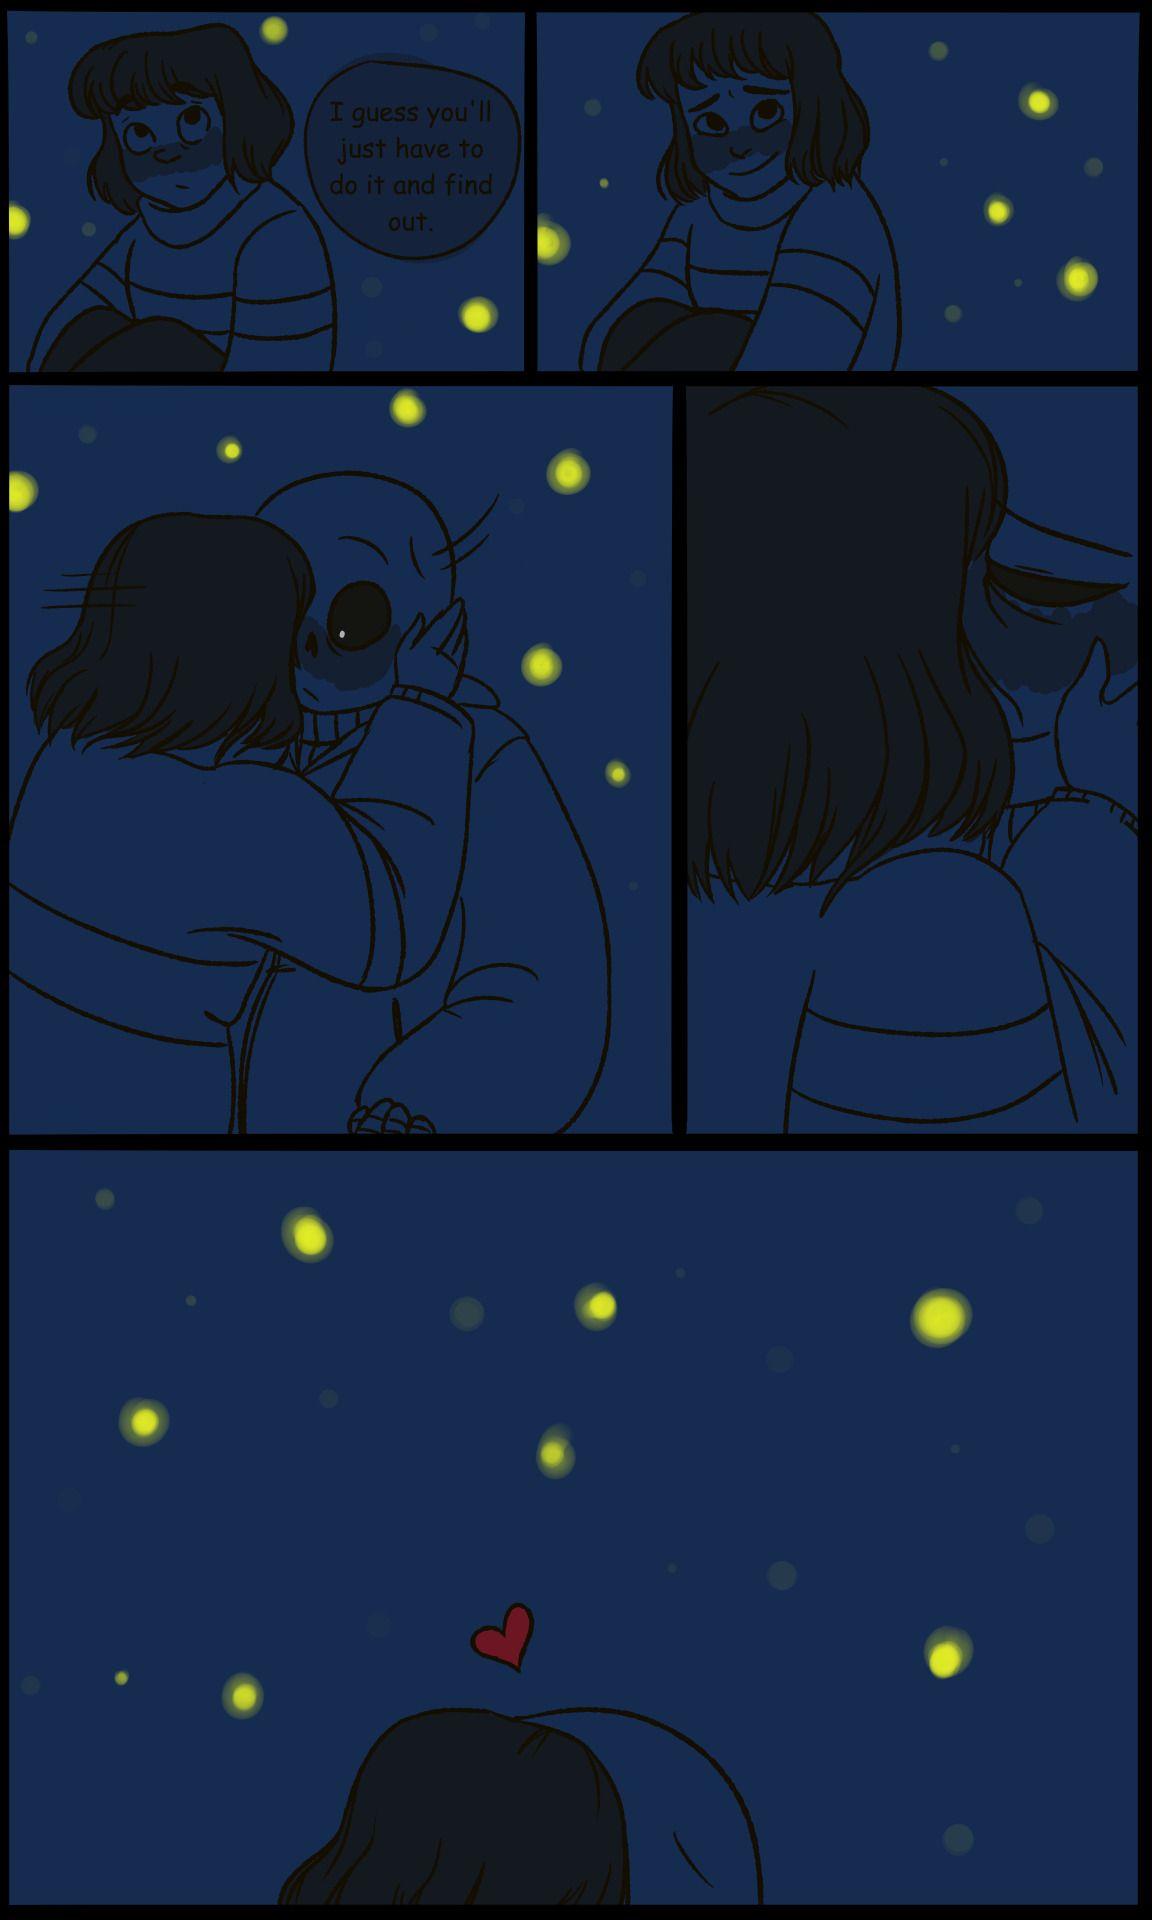 sans x frisk | Tumblr